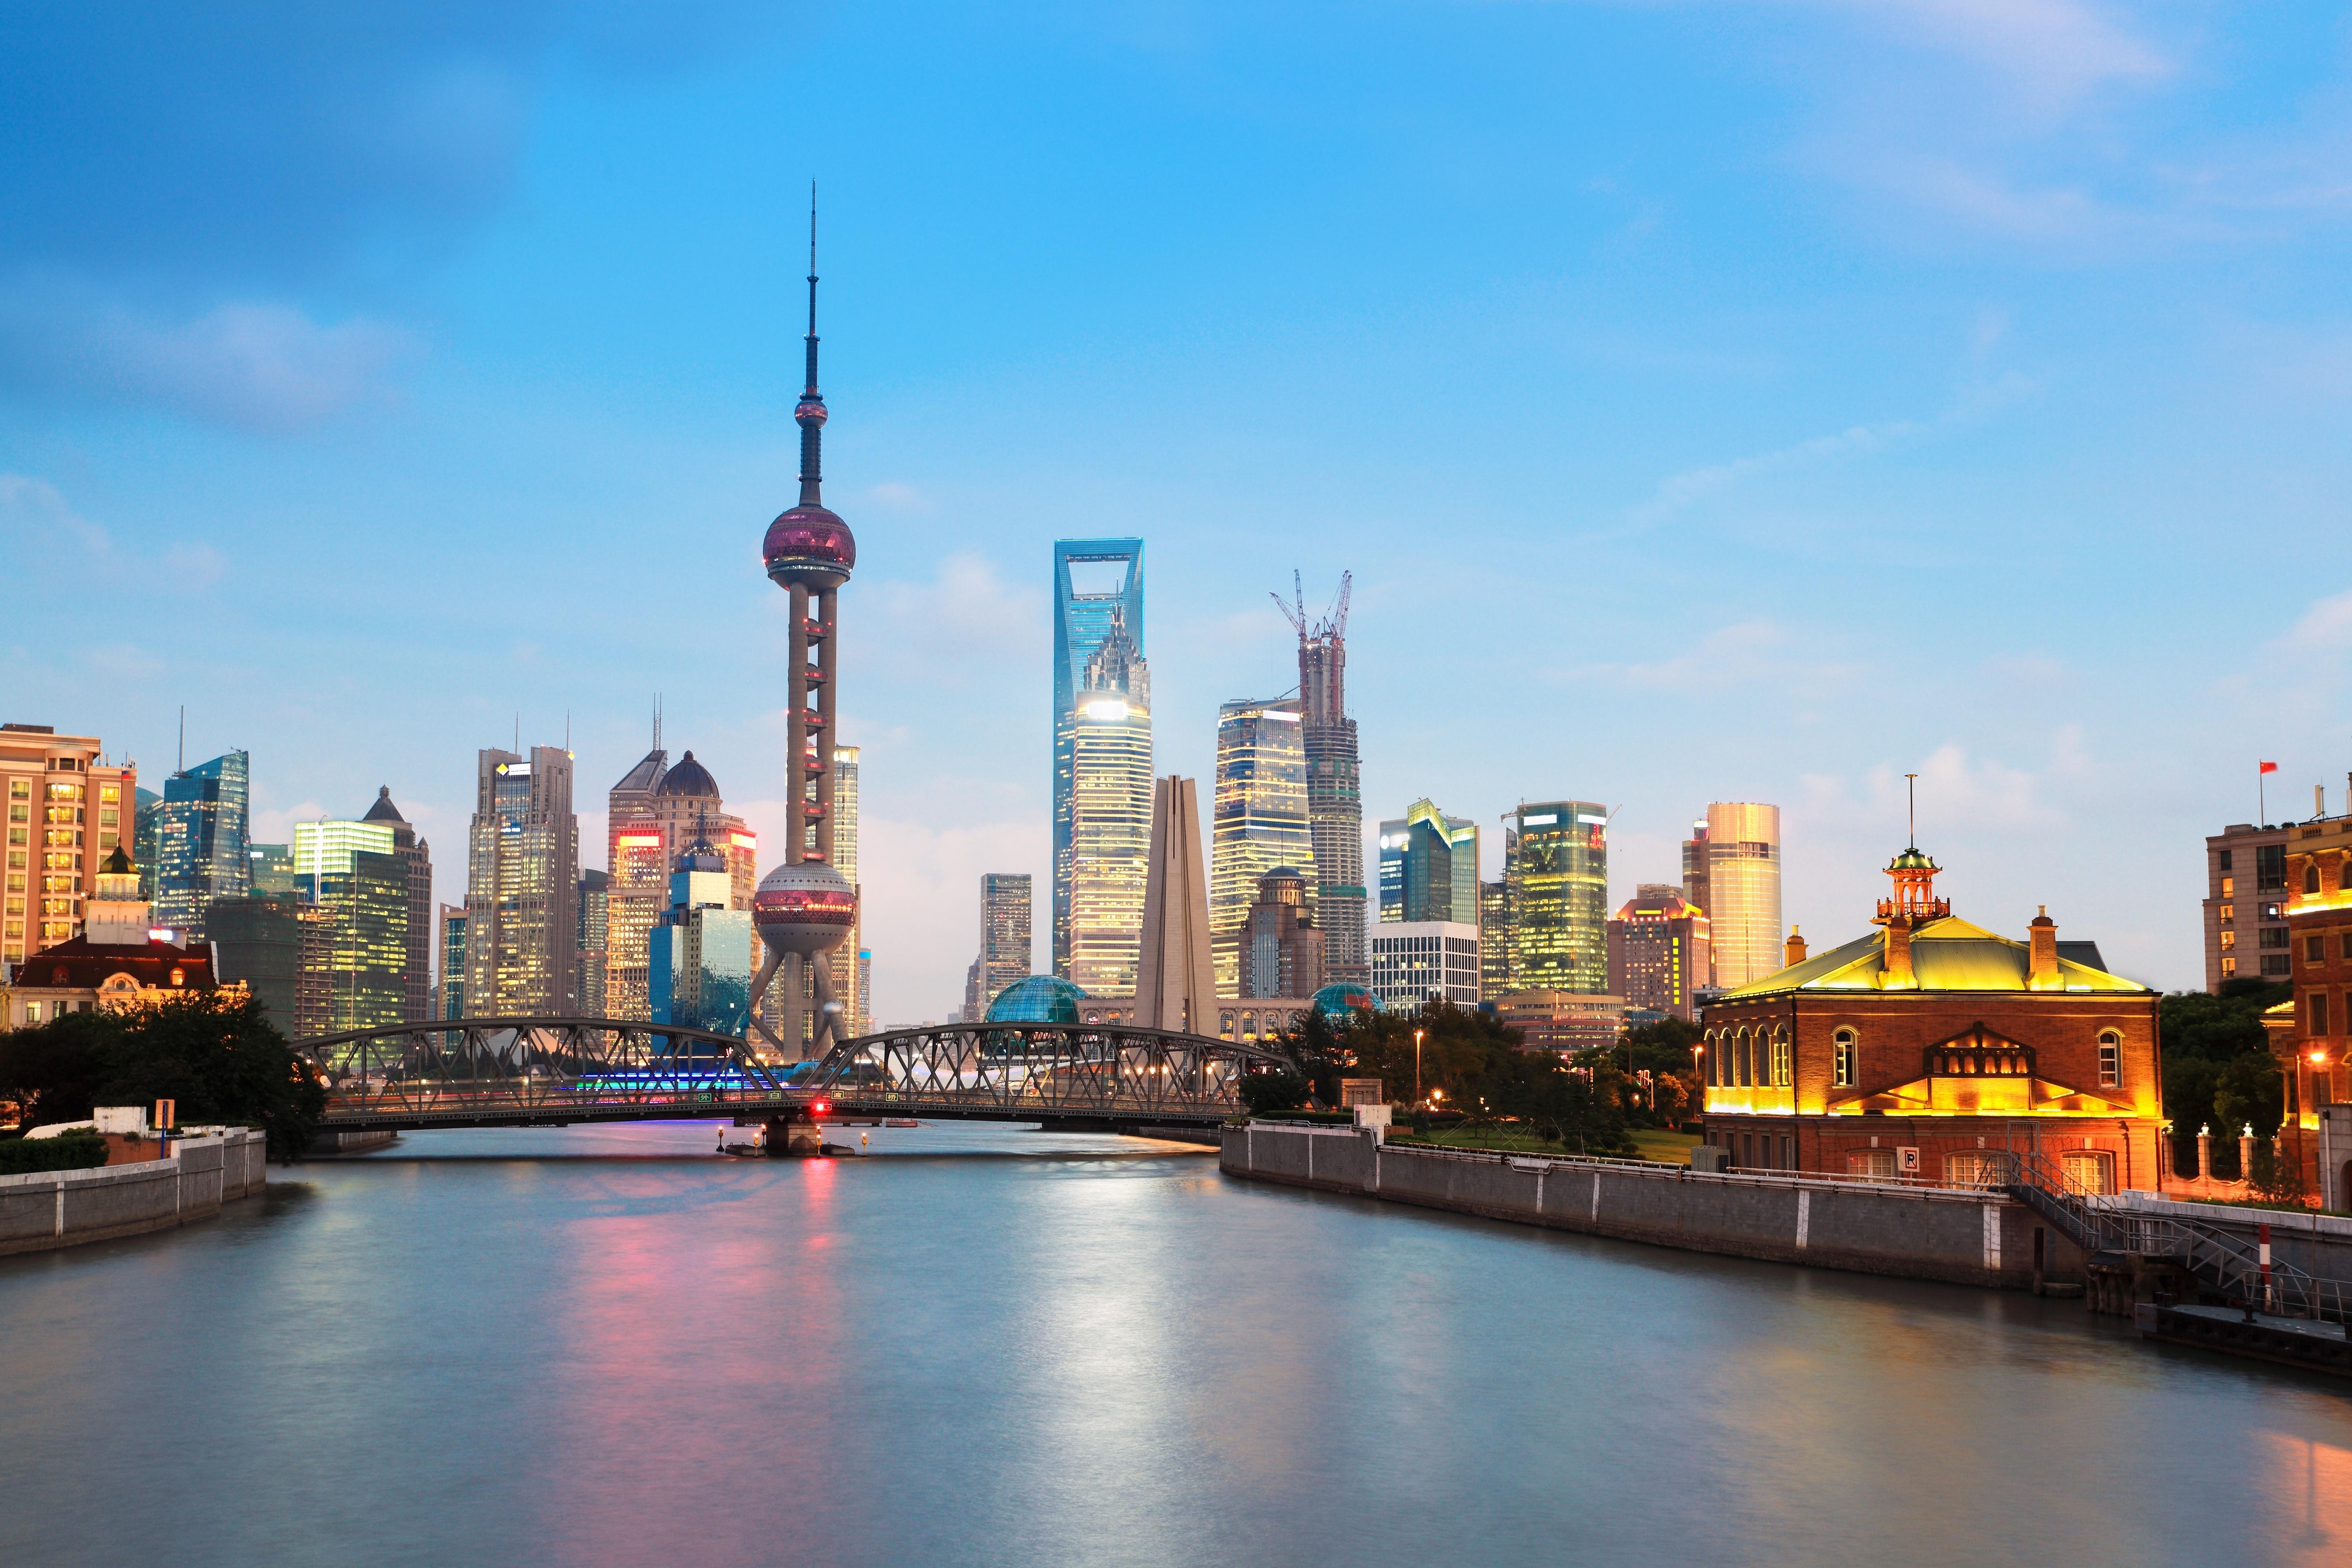 ทัวร์จีน-ปีใหม่-เซี่ยงไฮ้-360-องศา-ล่องเรือหวงผู่-5วัน-3คืน-โดย-(OCT-DEC18)-GO1PVG-TG001